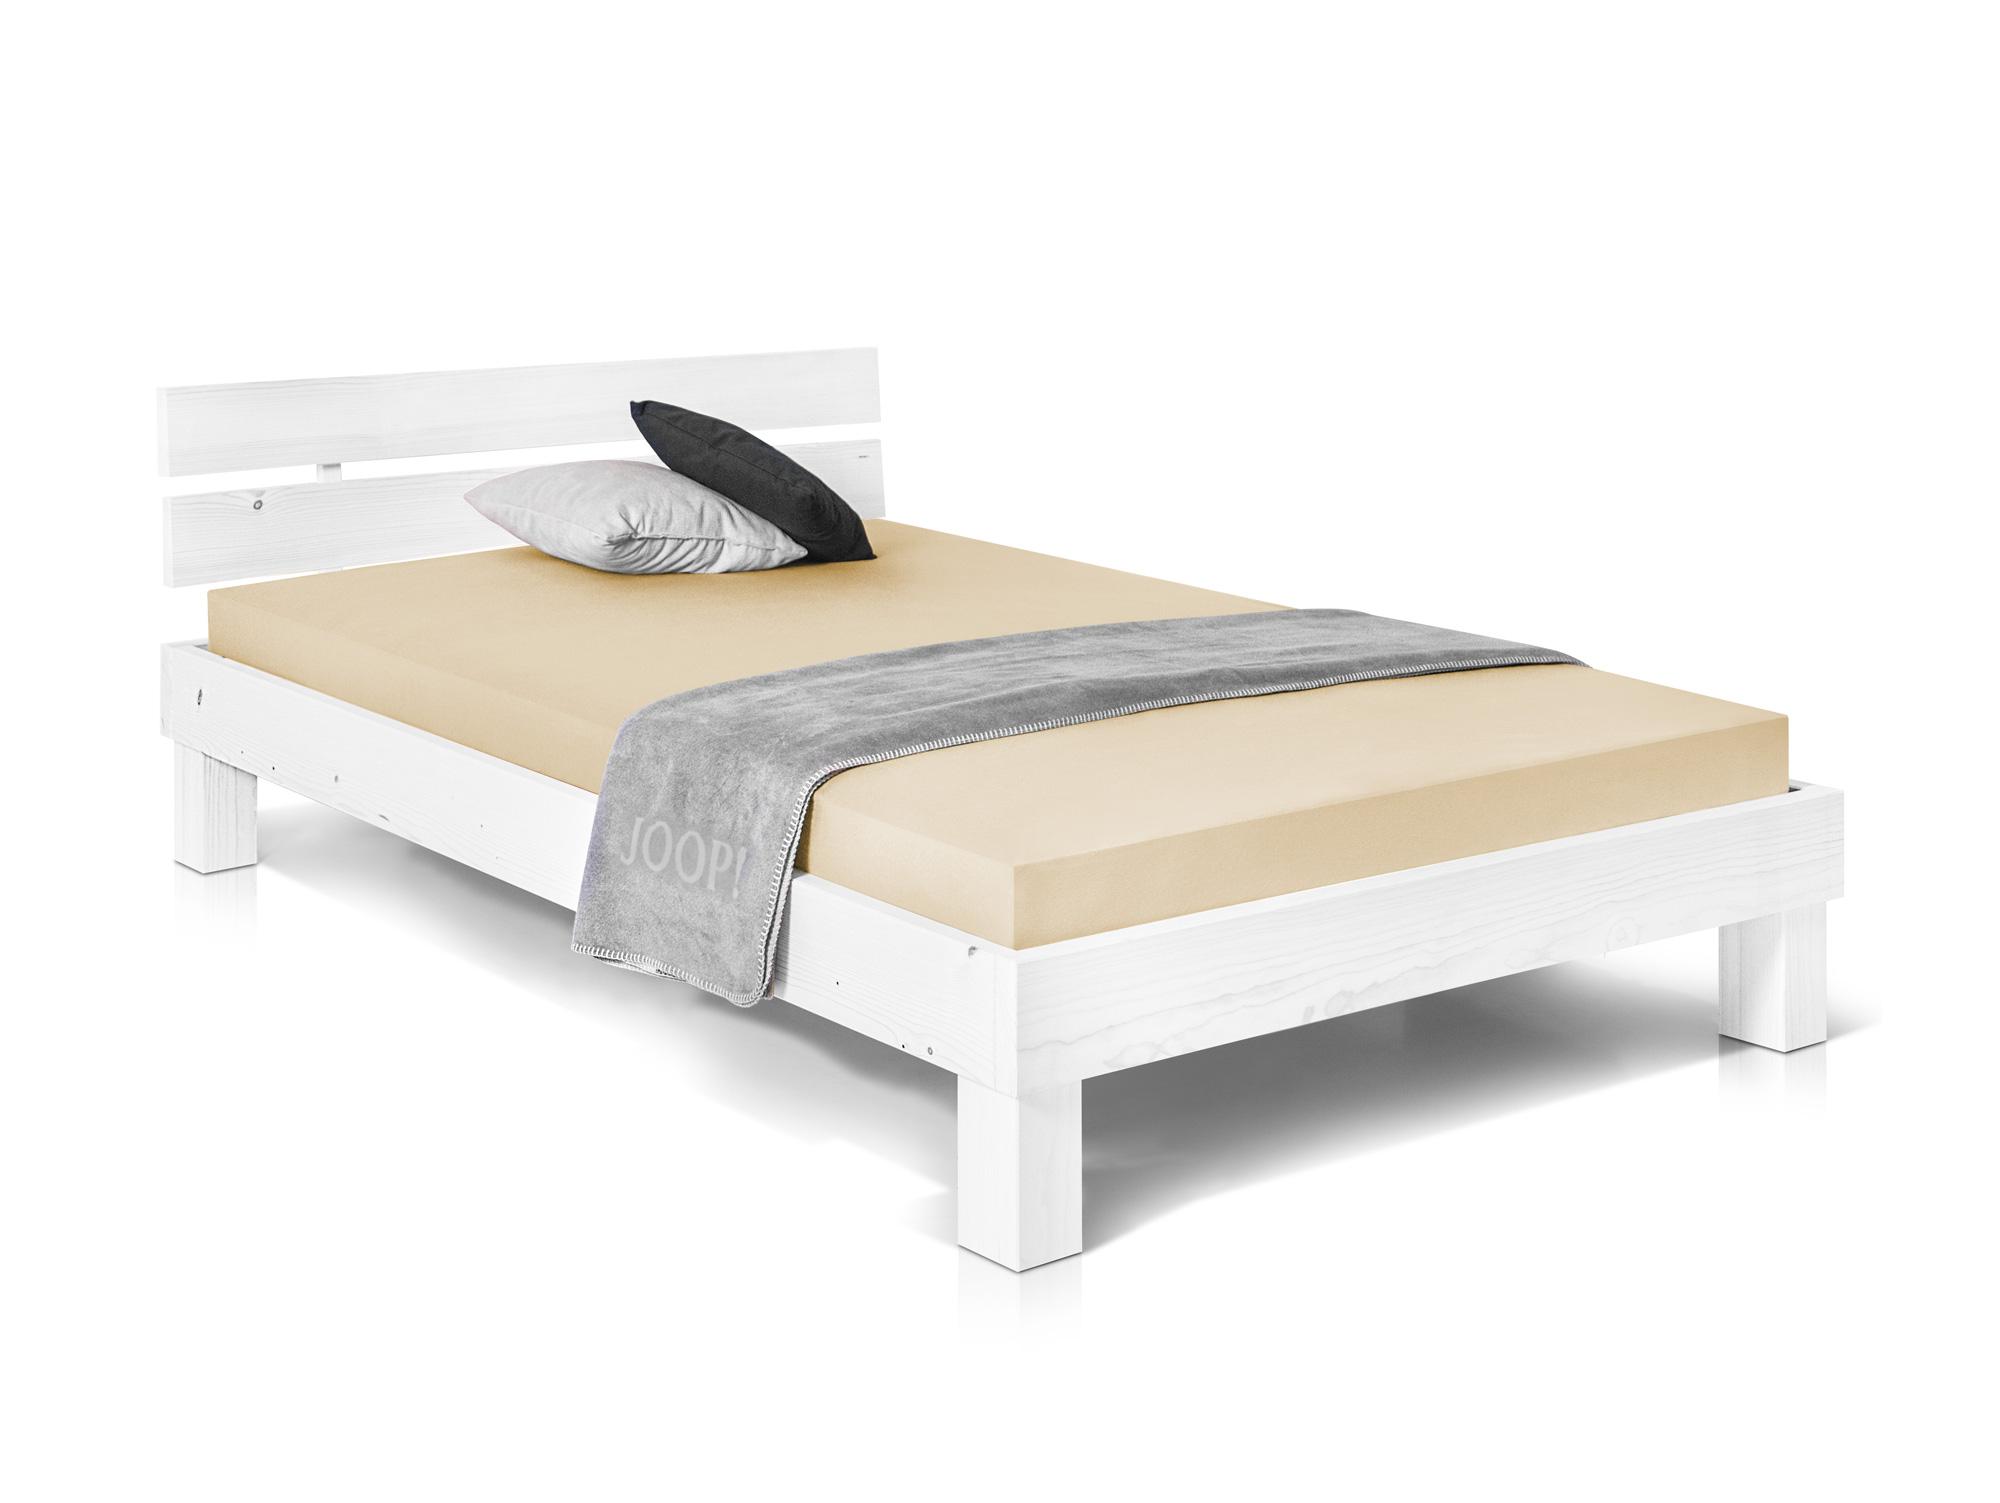 Full Size of Bett Weiß 120x200 Pumba Singlebett Futonbett Fichte Massiv Wei Weiss Schlafzimmer Betten Kinder Mit Bettkasten 90x200 Badezimmer Hochschrank Hochglanz Bett Bett Weiß 120x200